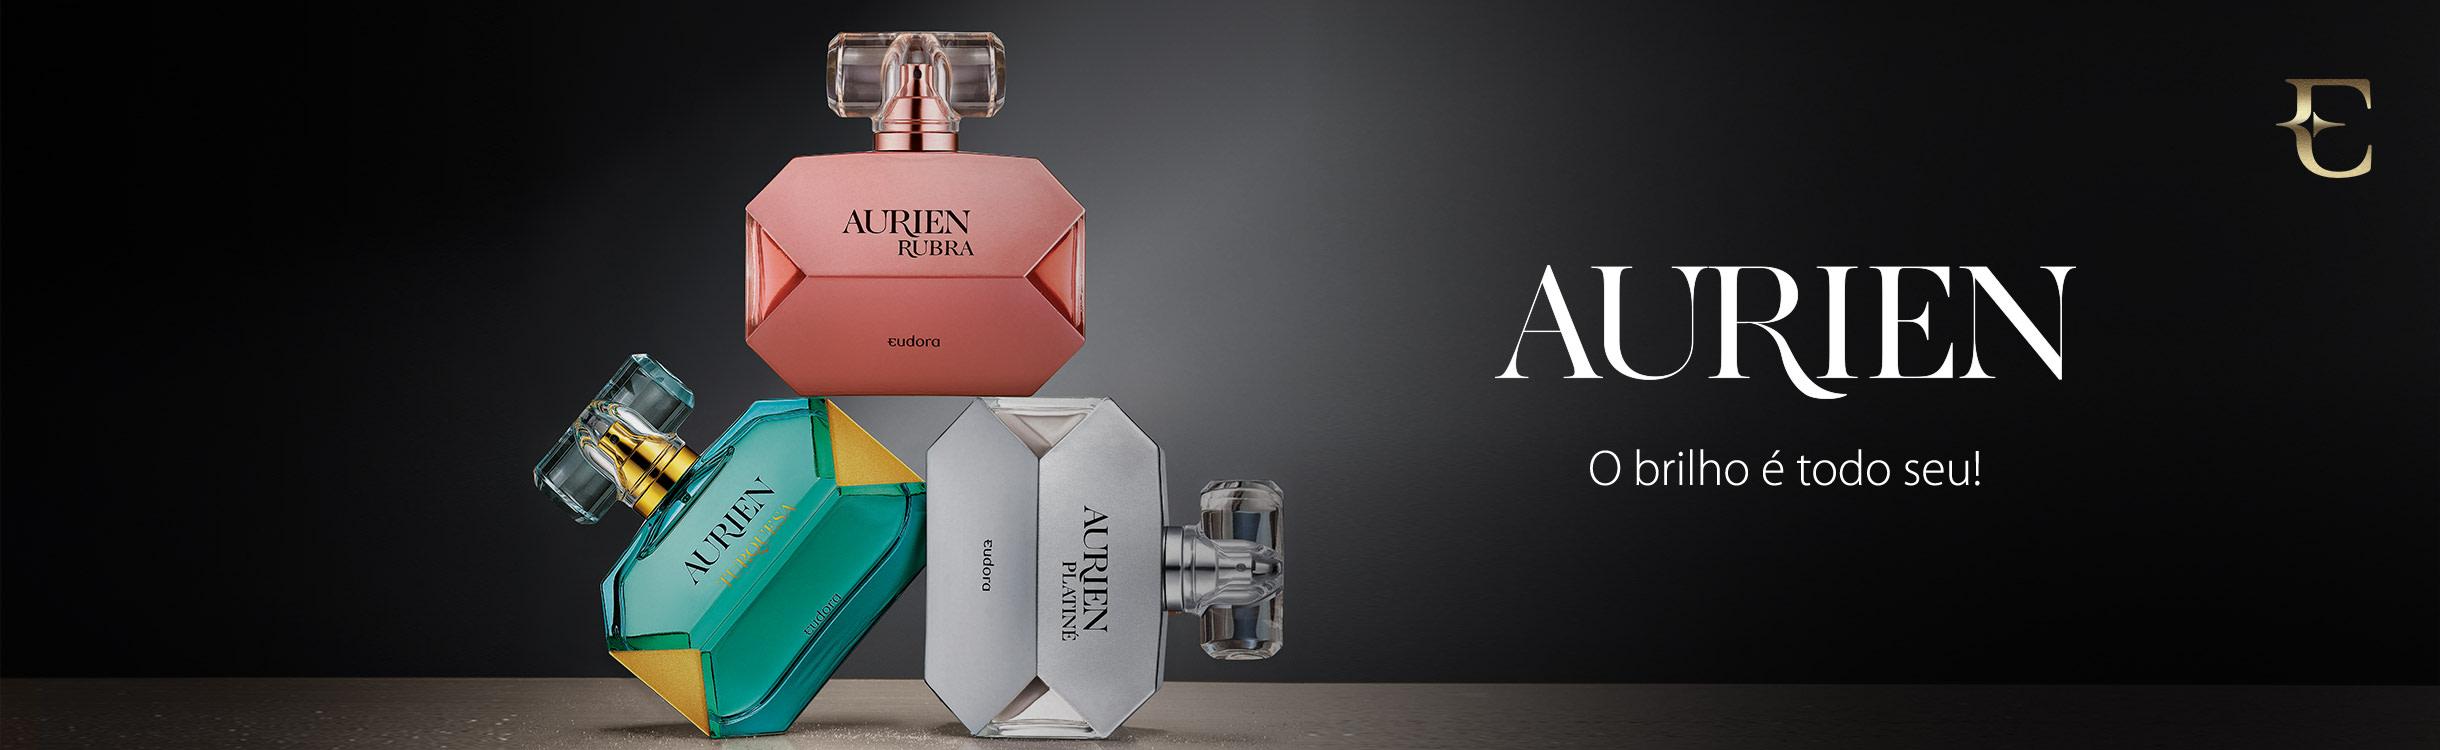 Aurien: Kits para Presente